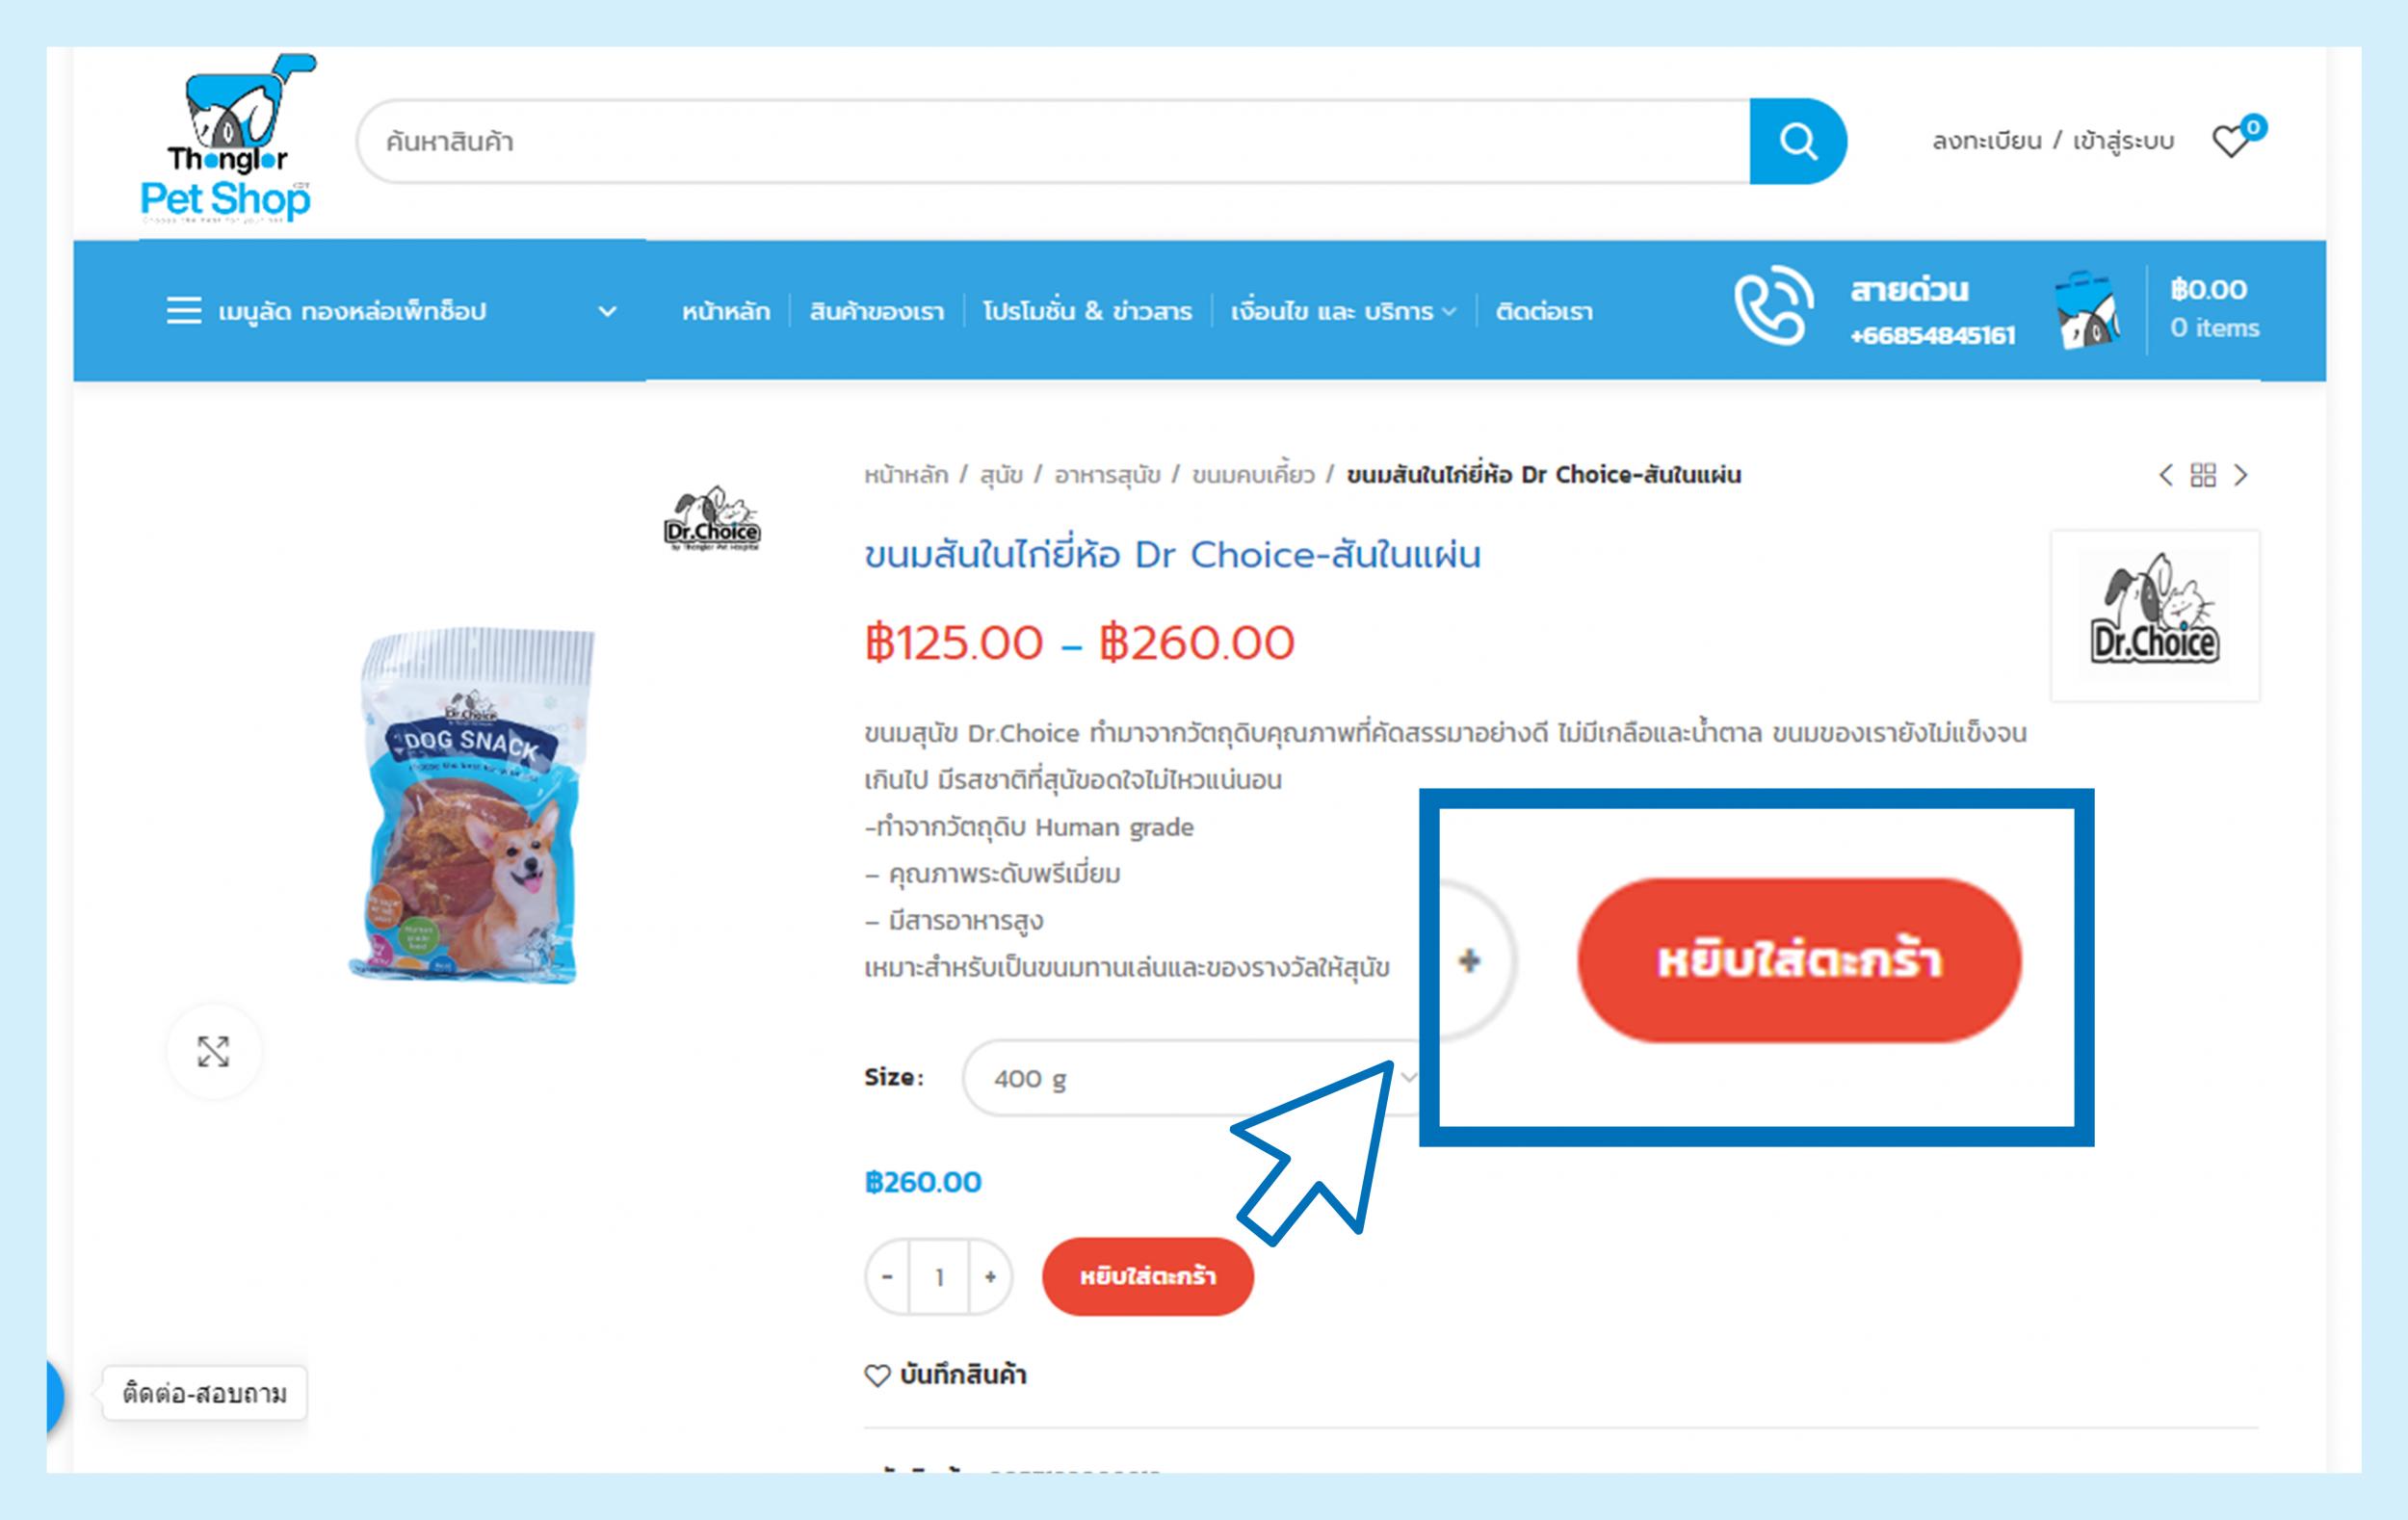 Dogilike.com :: เปิดแล้ว! Thonglor Pet Shop Online ช้อปง่ายสบายกระเป๋า